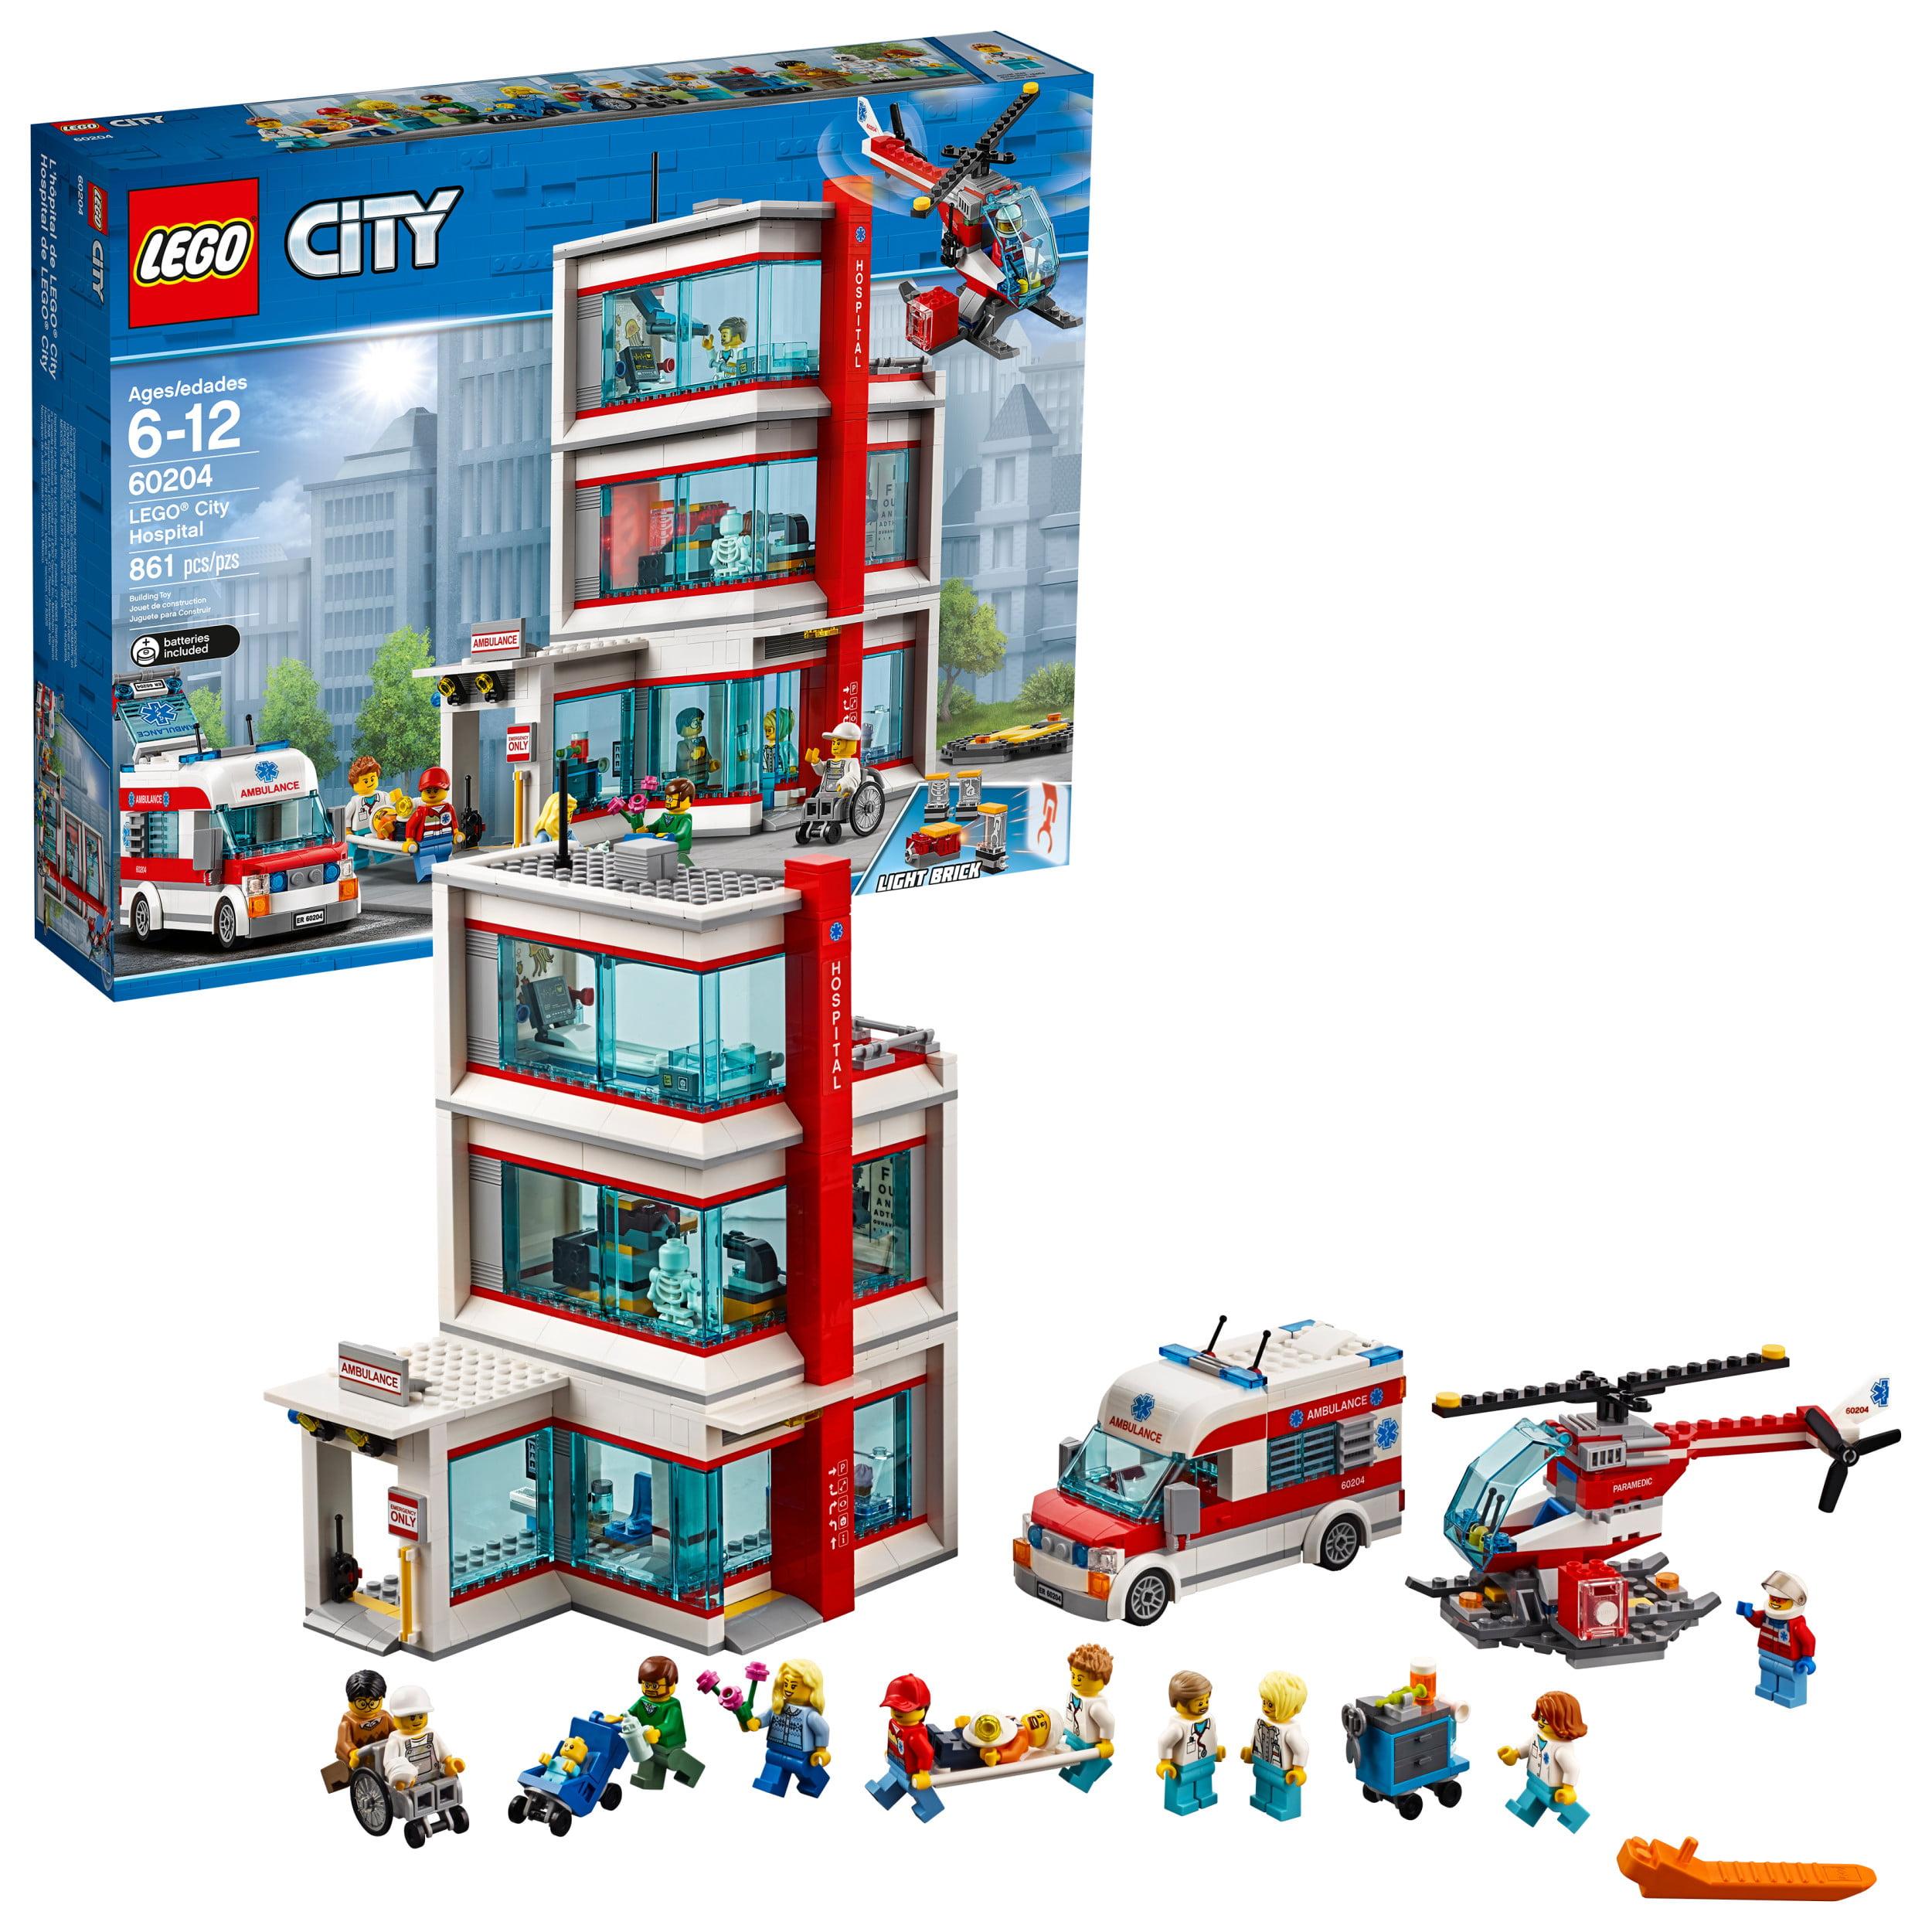 LEGO City Hospital 60204 - Walmart.com